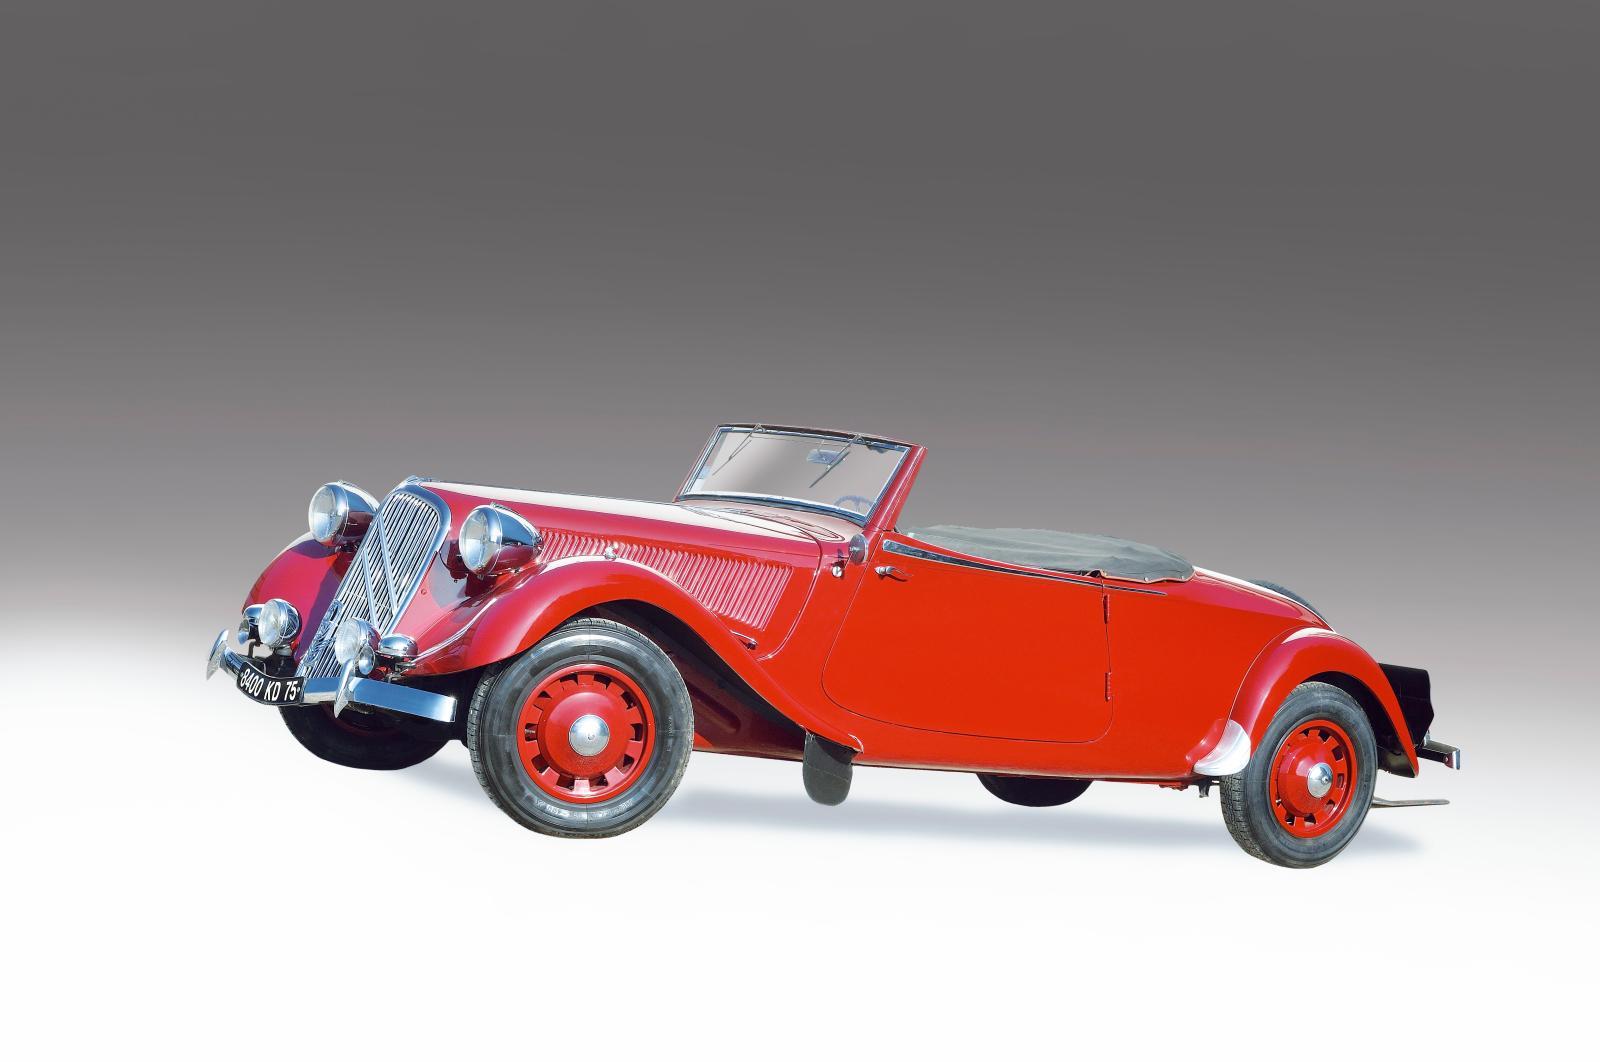 Citroën Traction 15/6cabriolet, 1939, châssis n°1846075. Fontainebleau, 15mars2015. OsenatOVV Adjugé: 612440€